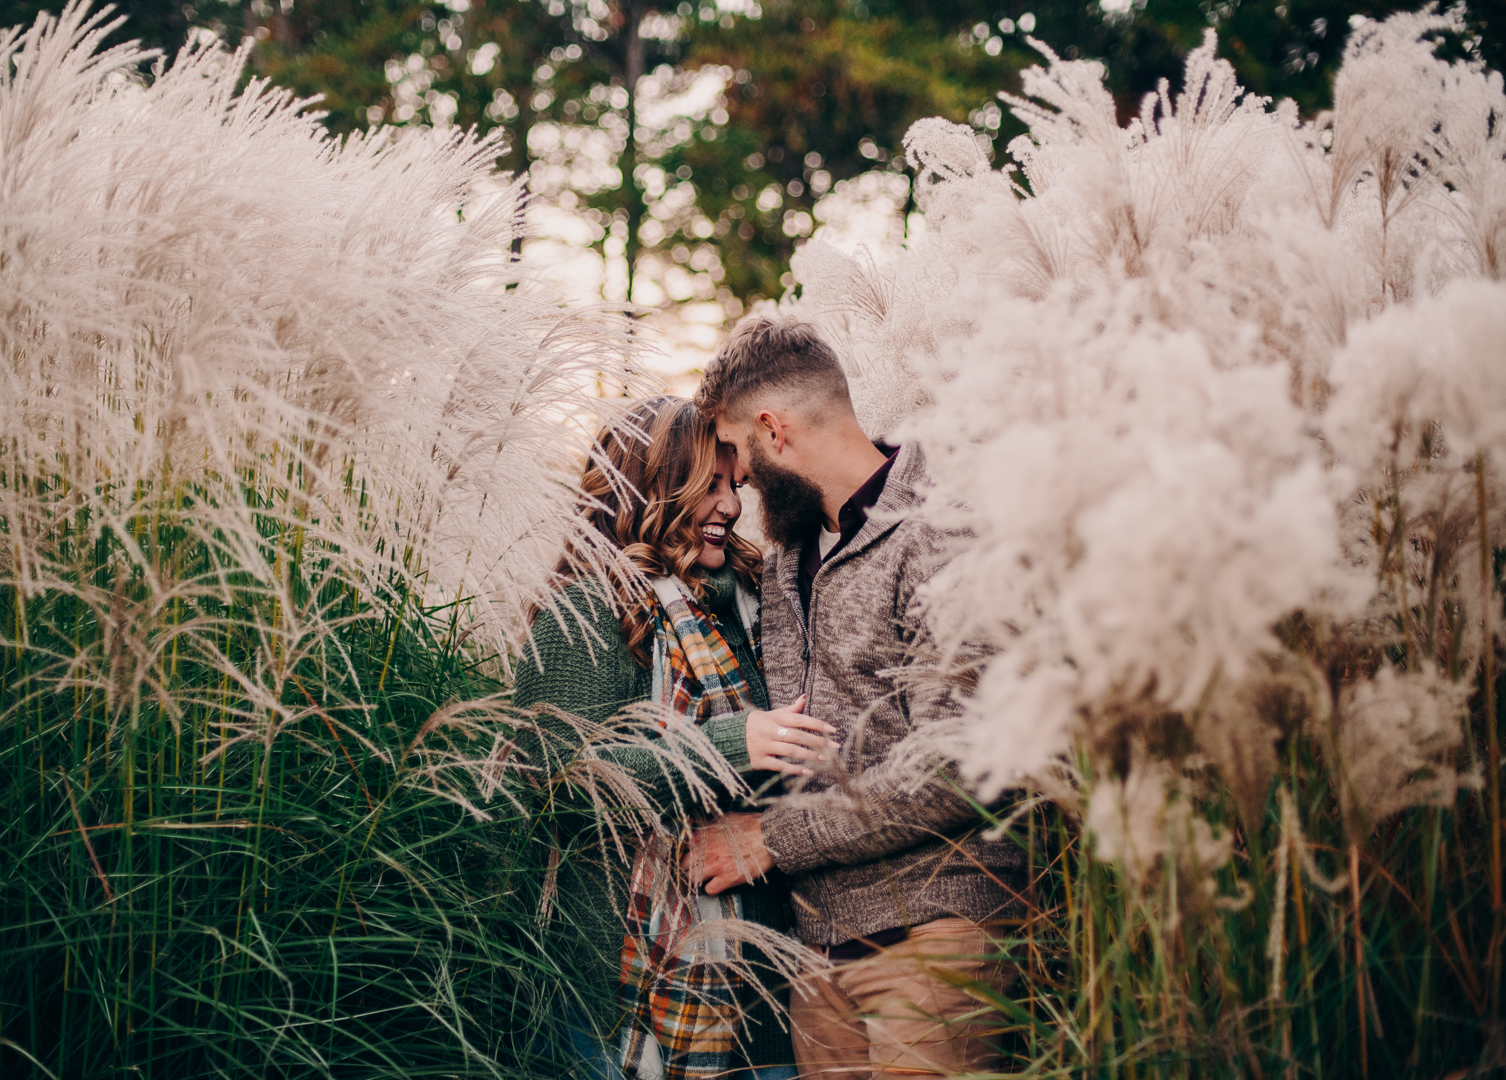 TerraSuraPhotography-Danielle & Ryan Engagemen-Web-8050.jpg